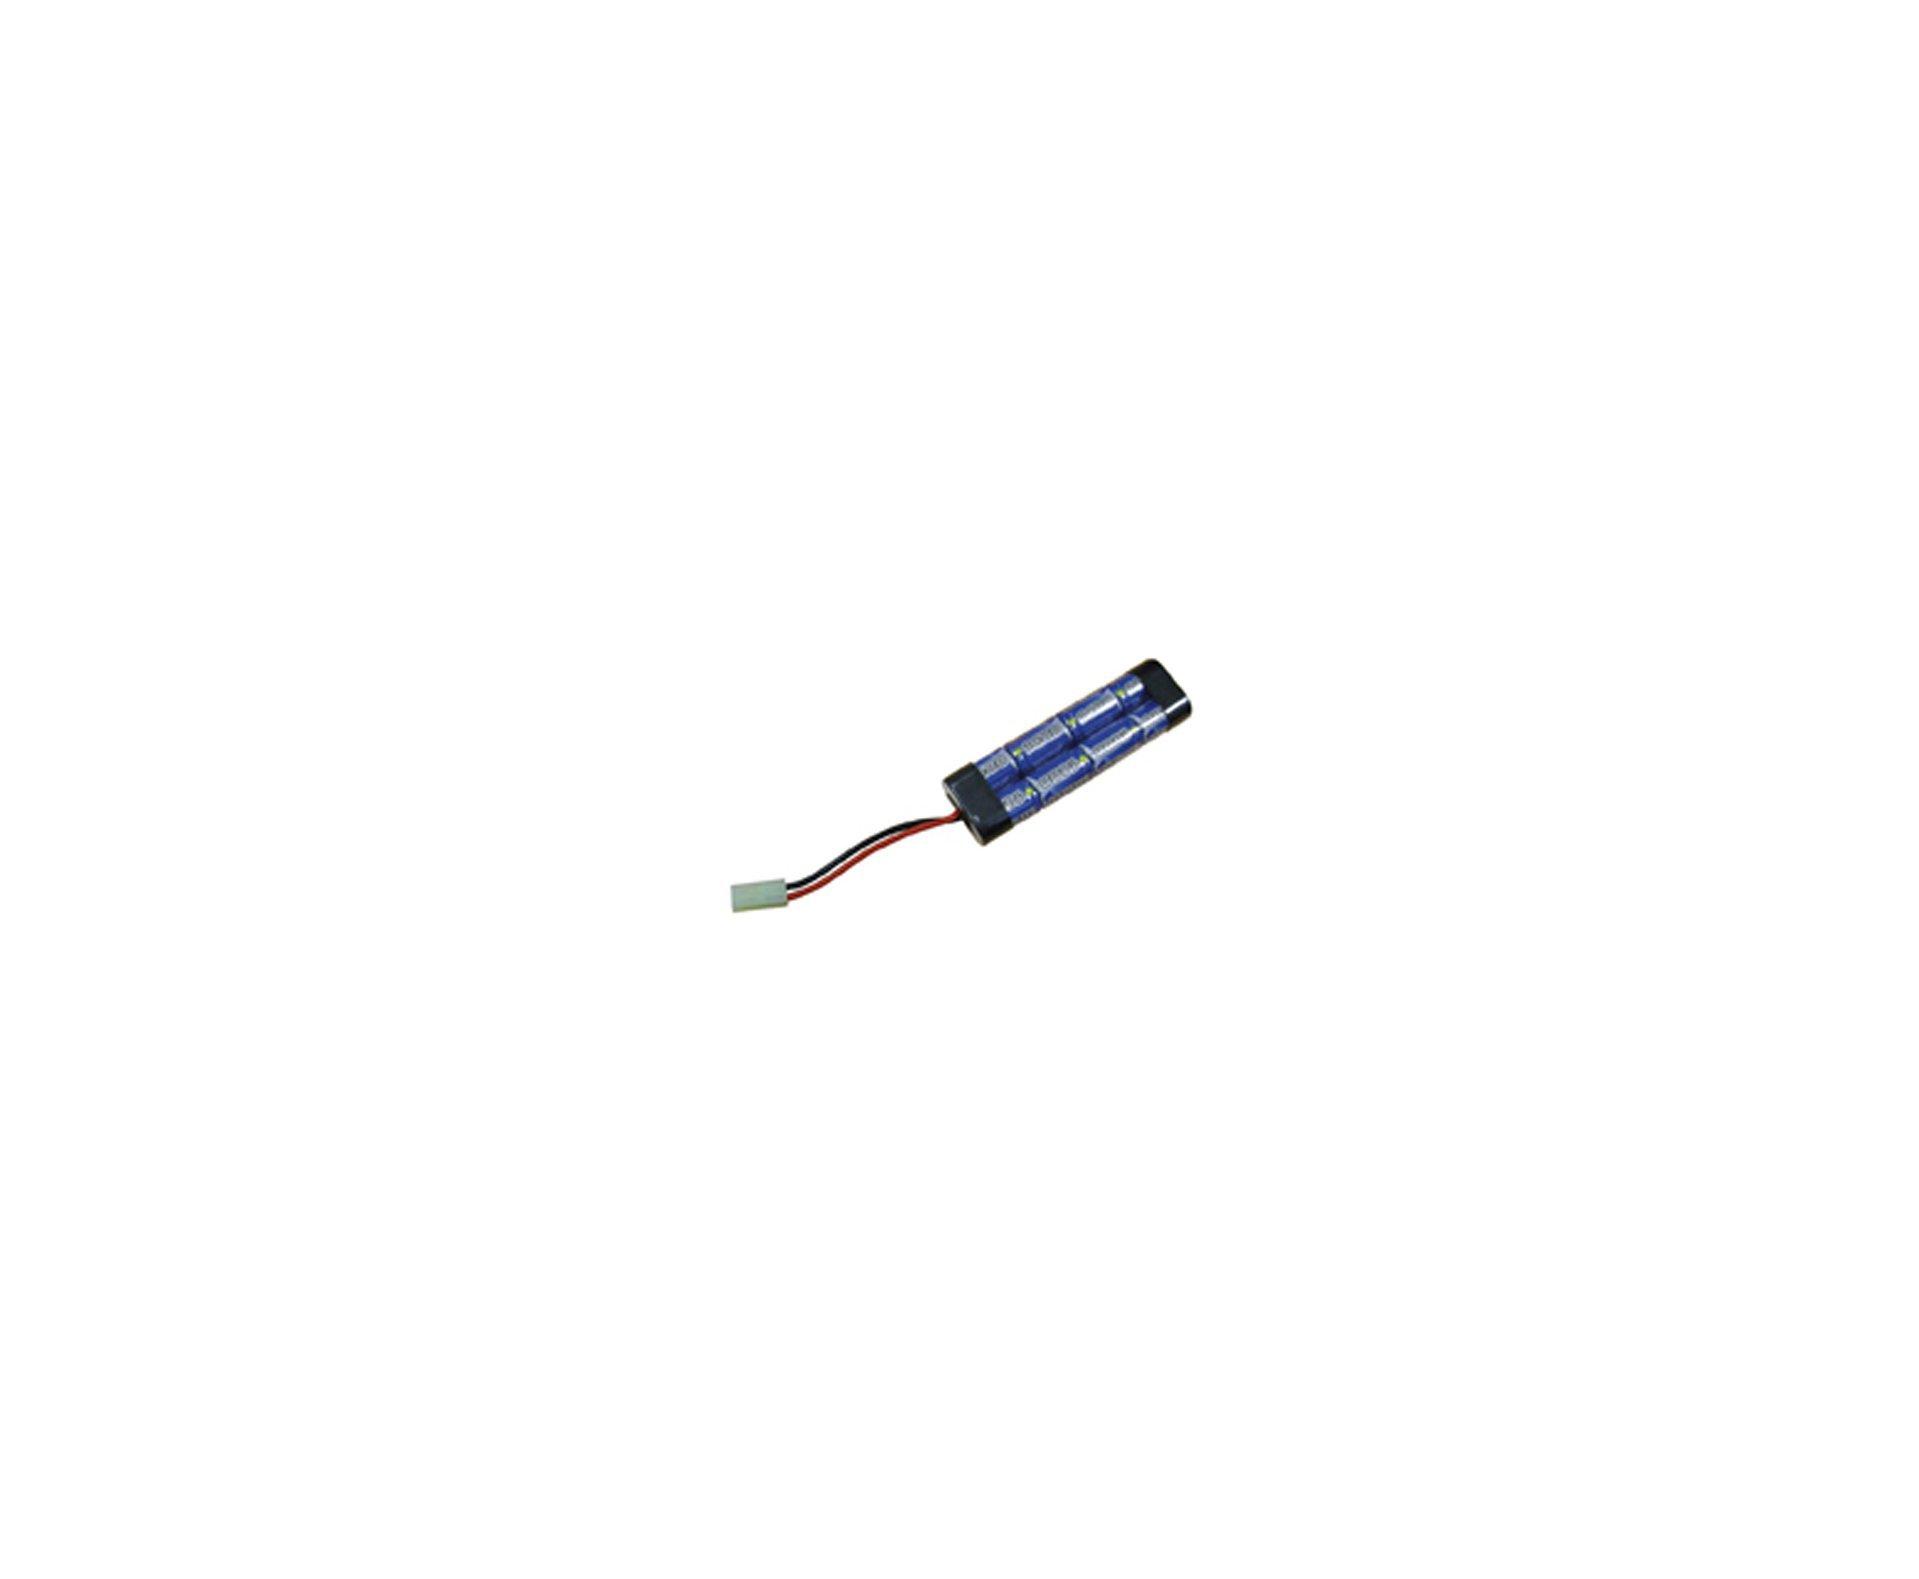 Bateria Para Airsoft 9,6 V 1600mah - C50 - Intellect